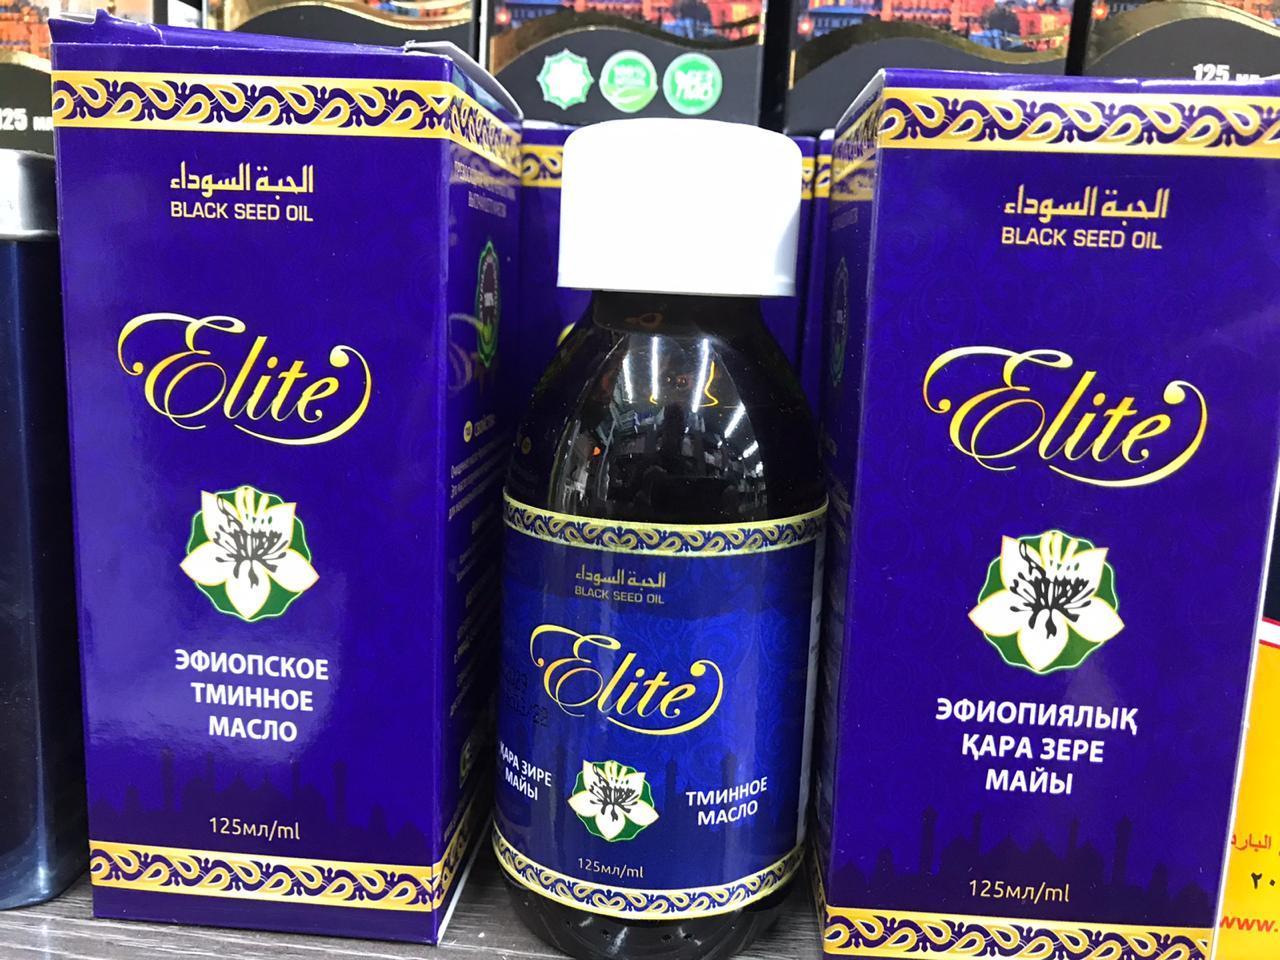 """Масло черного тмина """"Элитное"""" Elite (125 мл, Саудовская Аравия"""